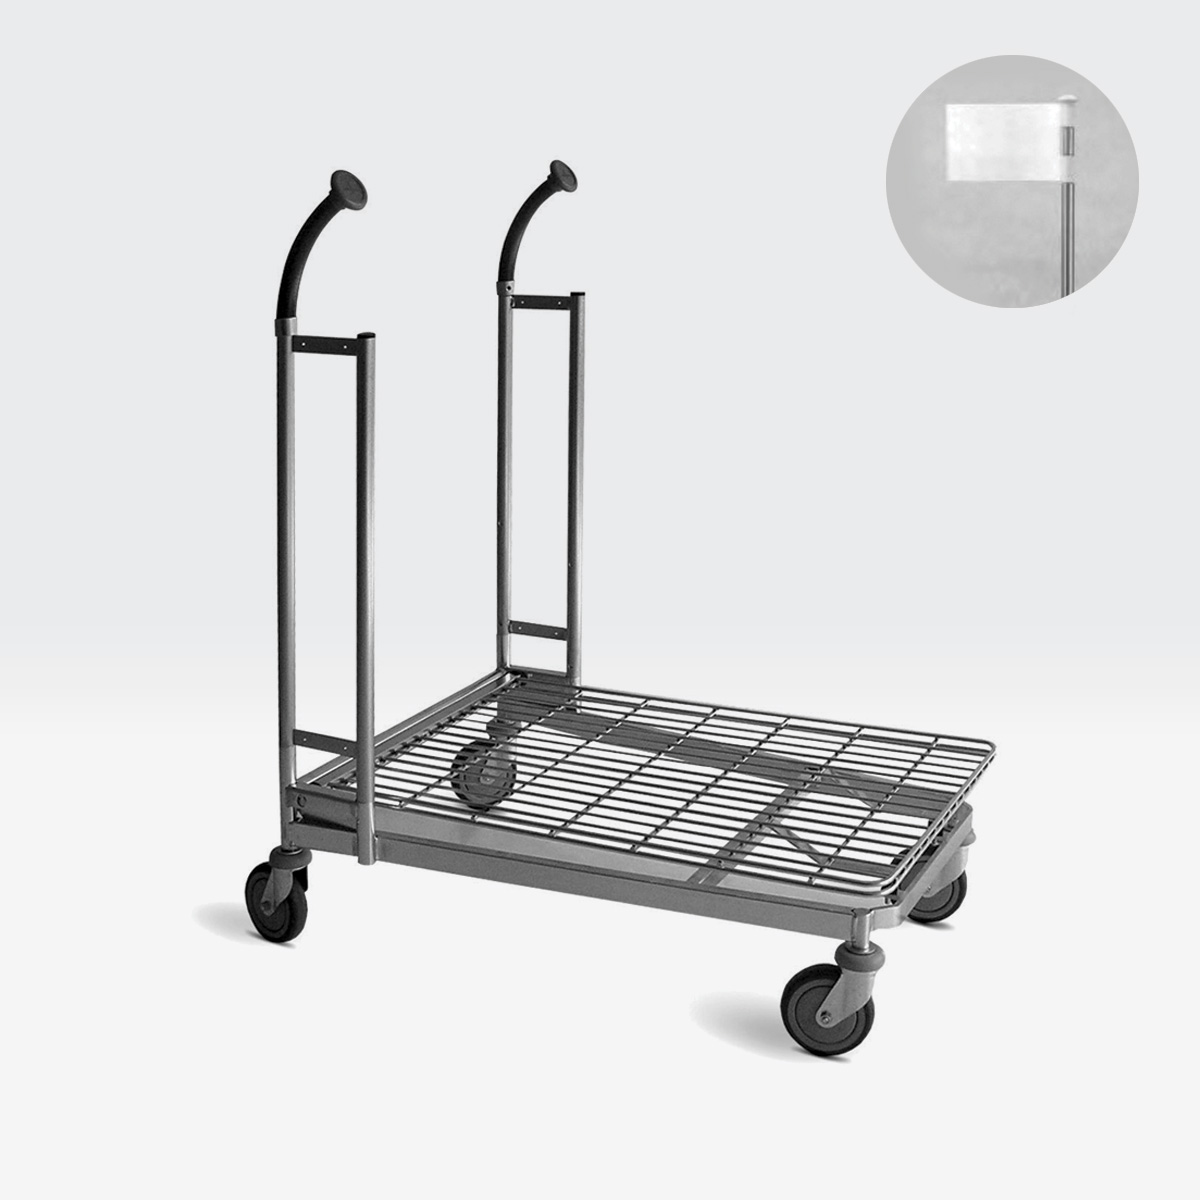 Carrello per magazzino con ruote CARRY 80